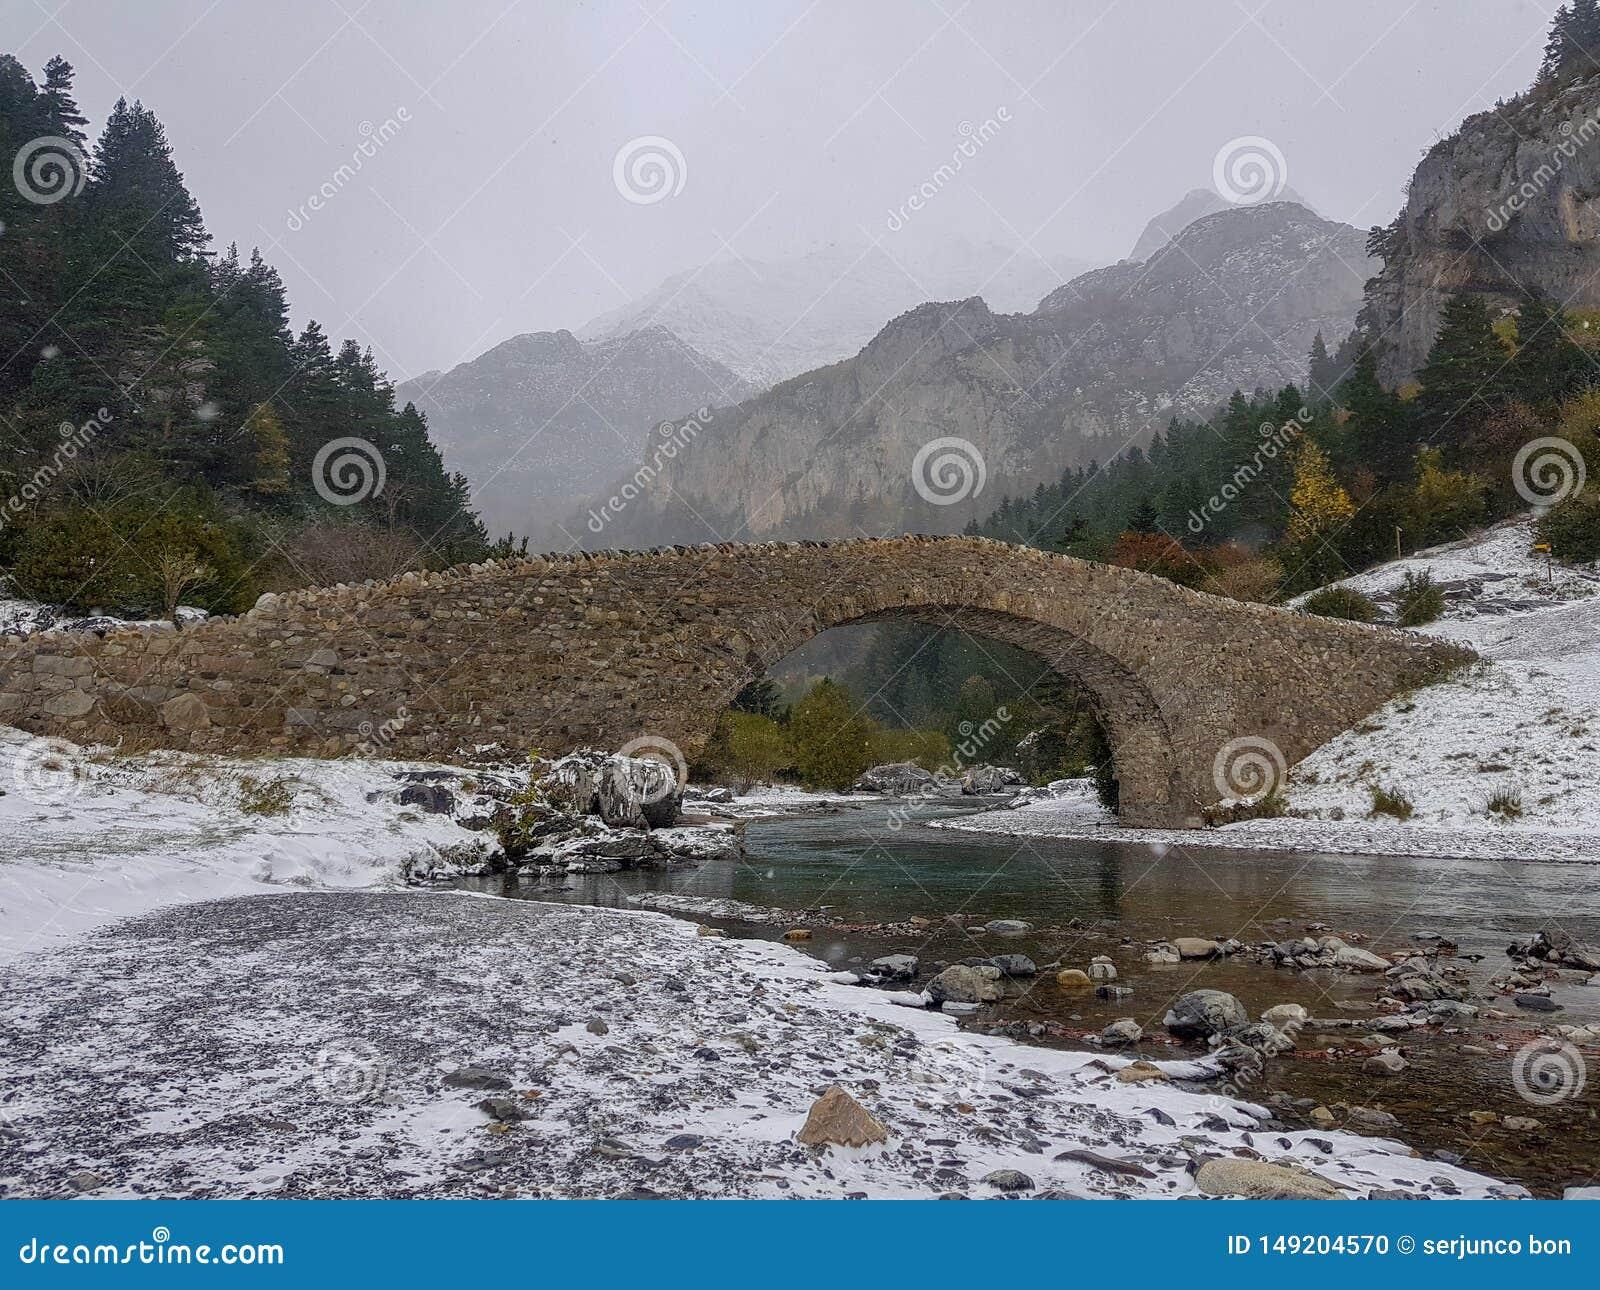 Ponte romana sobre o rio de Bujaruelo no parque nacional de Ordesa em Huesca, Espanha Imagem do dia nebuloso com as primeiras que